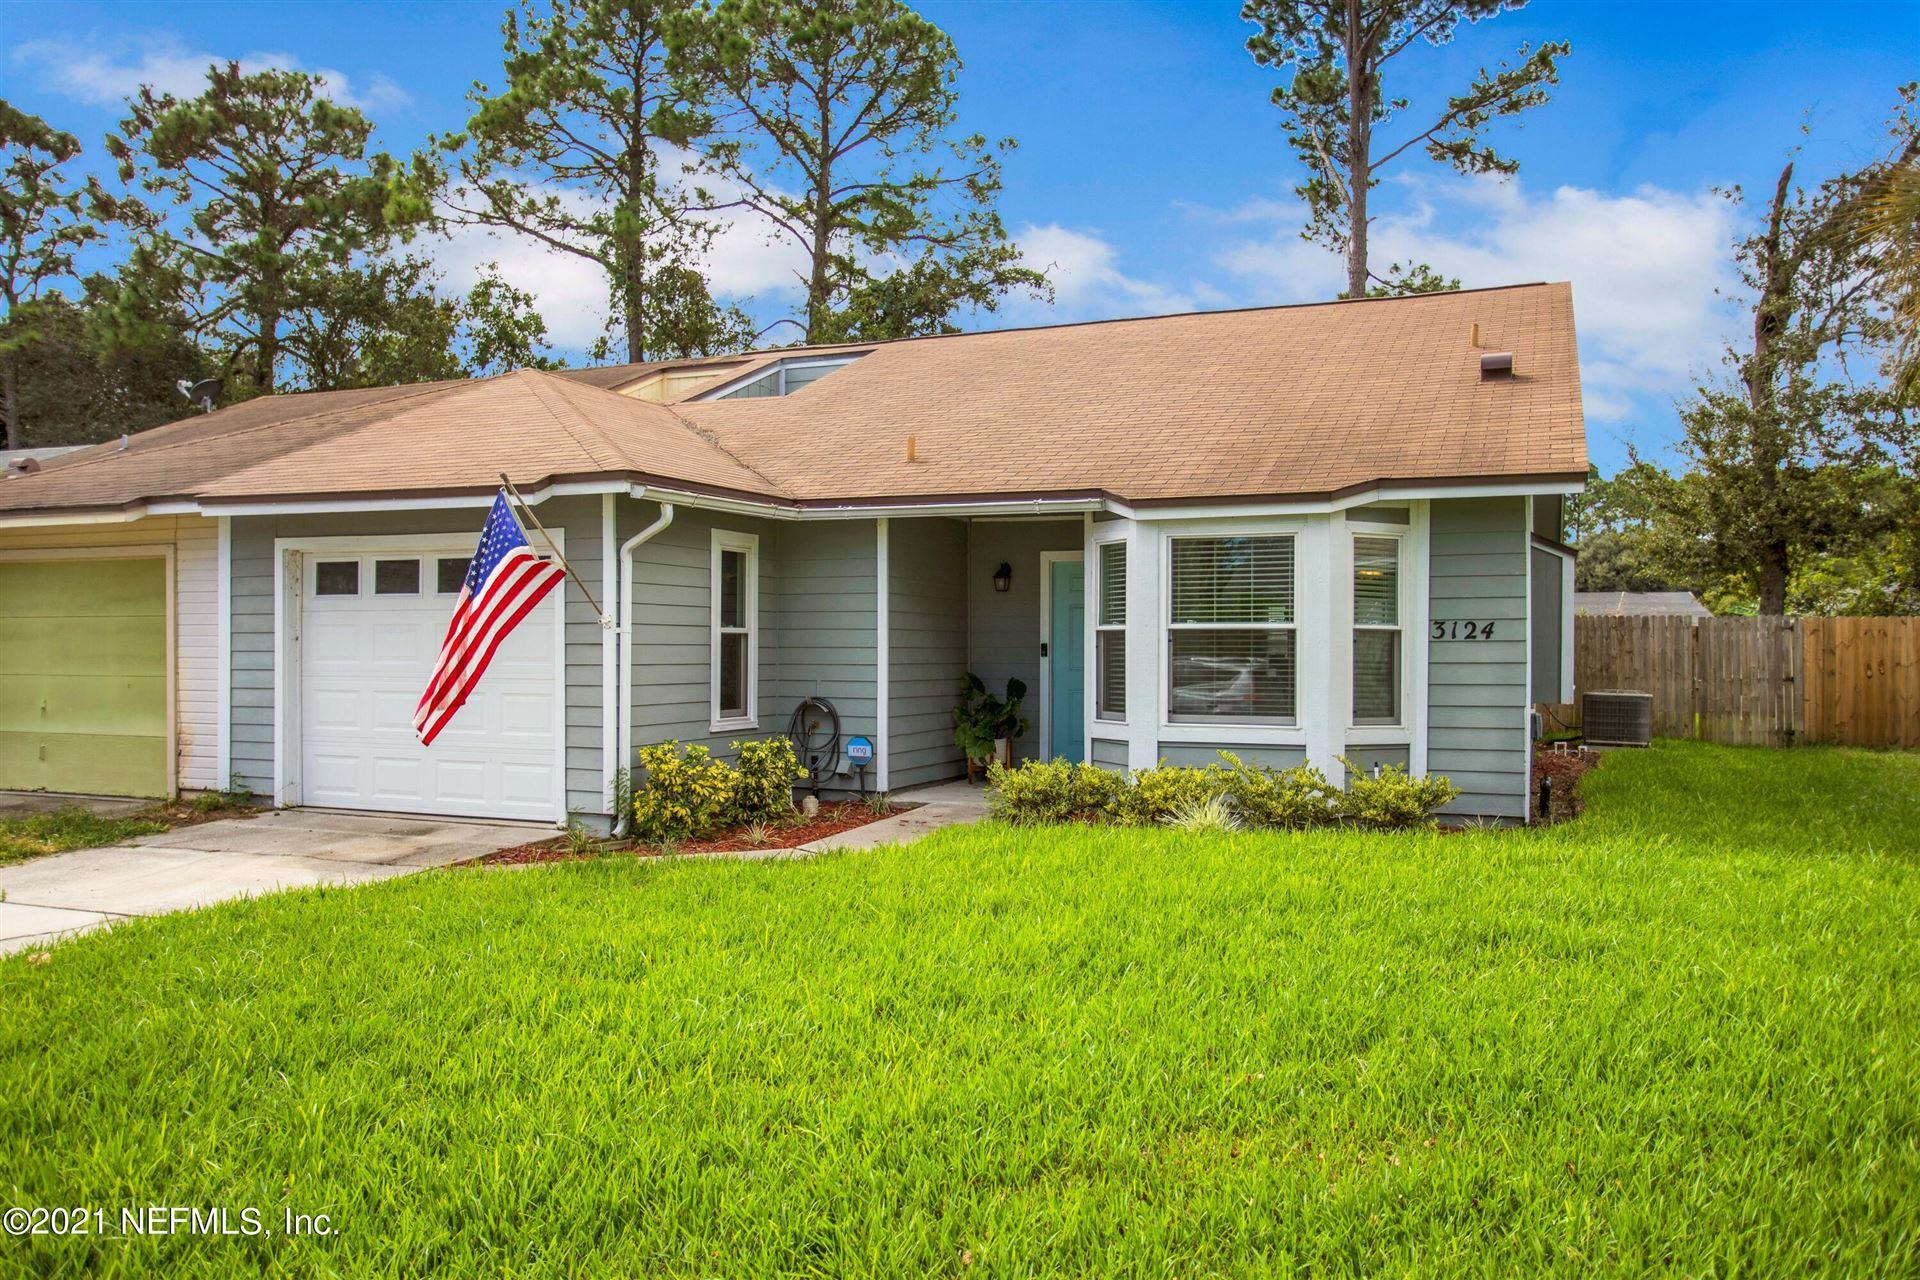 3124 COURTNEY WOODS LN W, Jacksonville, FL 32224 - MLS#: 1137276